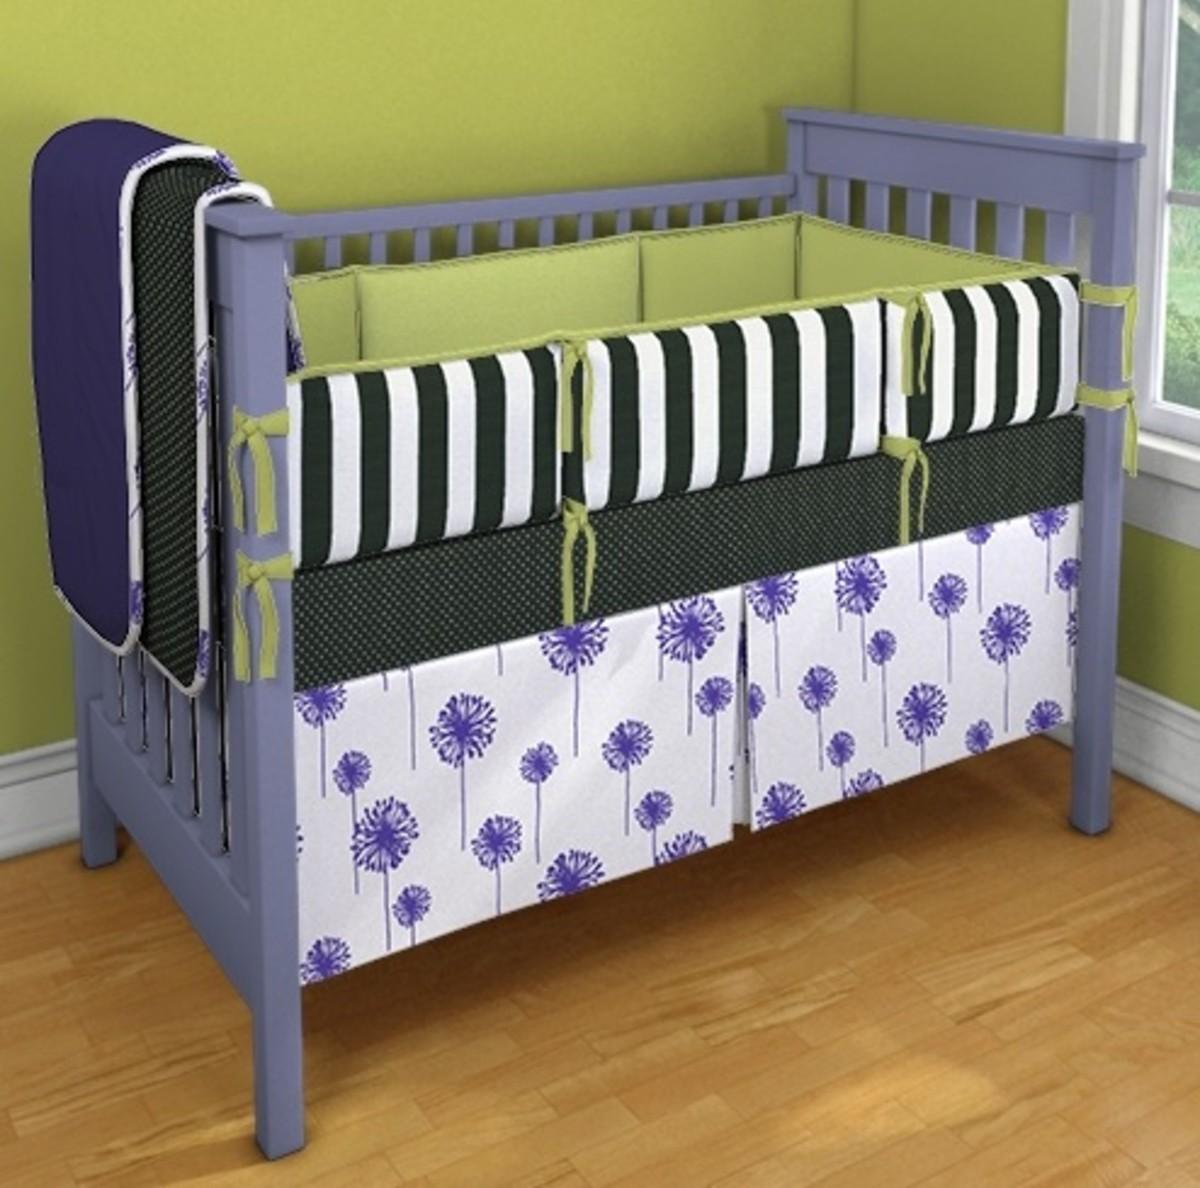 DIY Design for Nursery Bedding - MomTrendsMomTrends